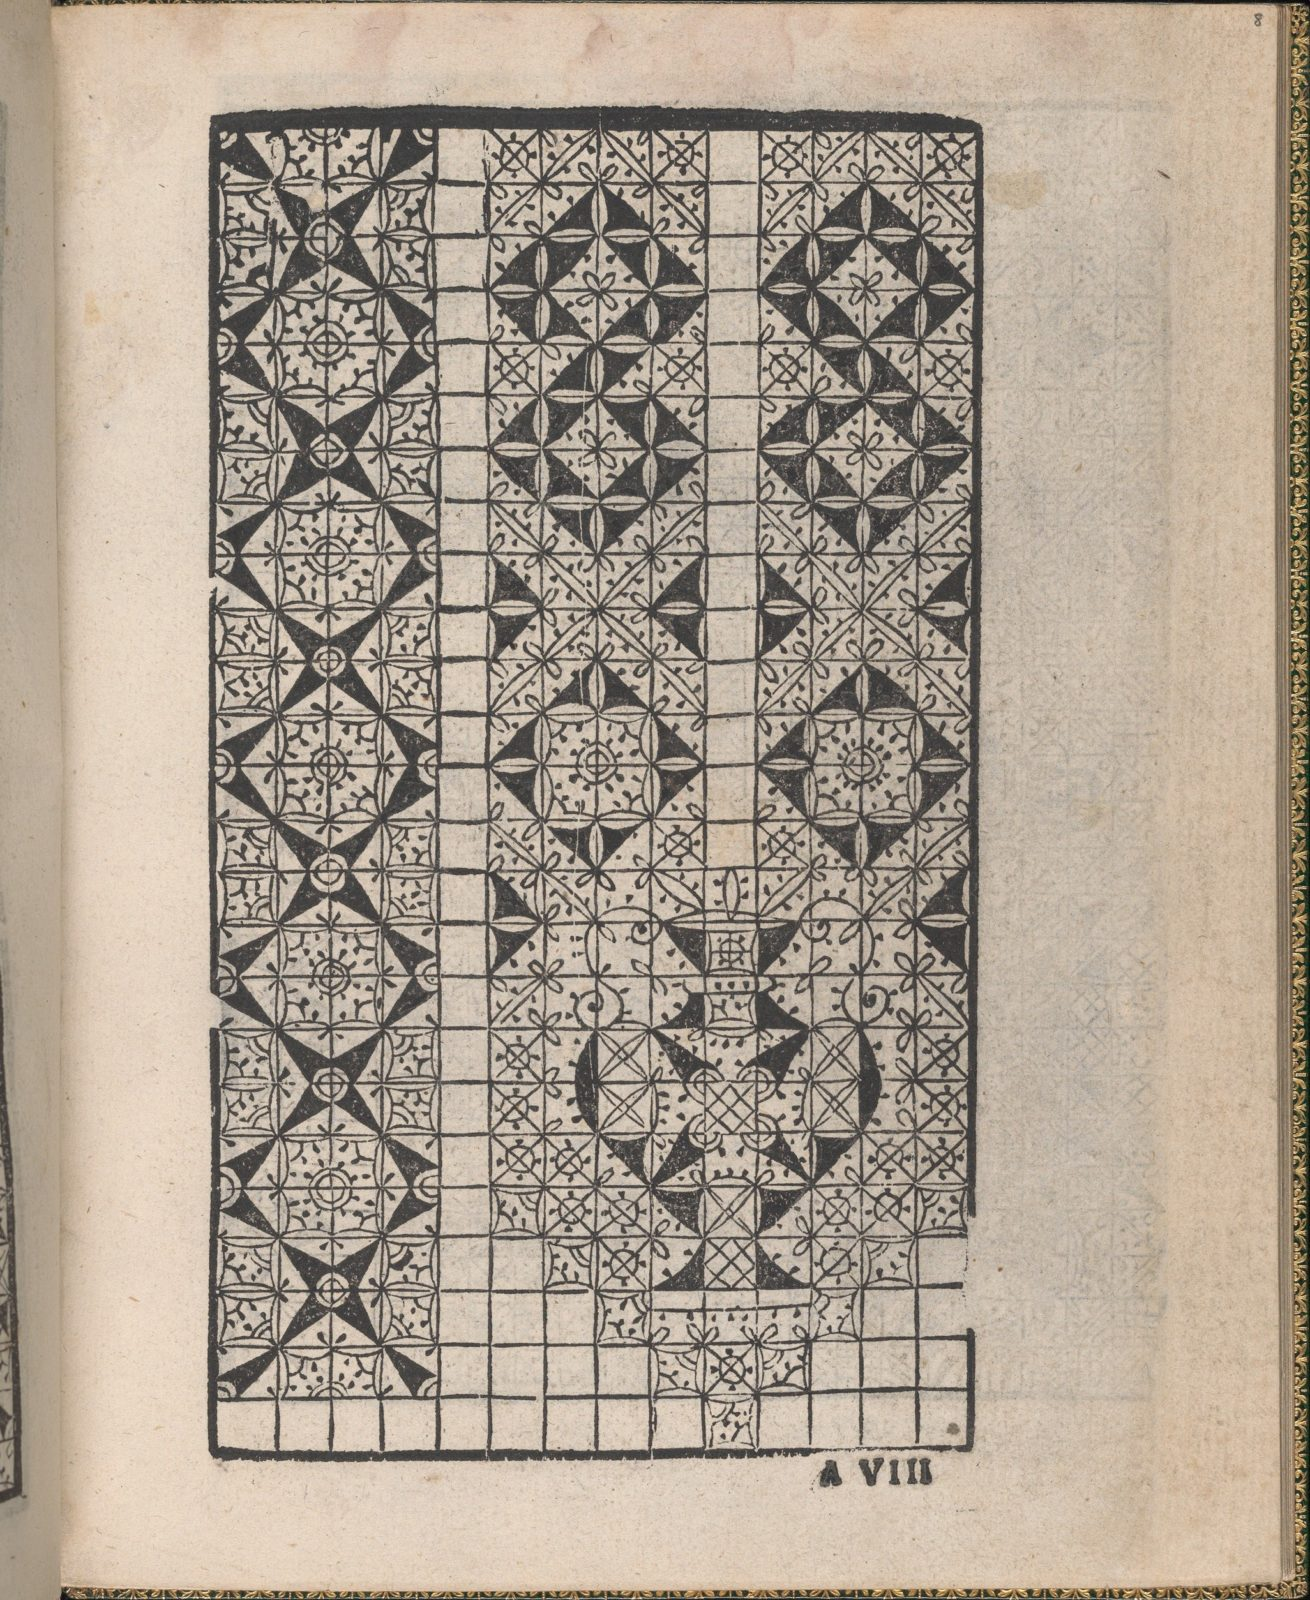 Ornamento delle belle & virtuose donne, page 5 (recto)